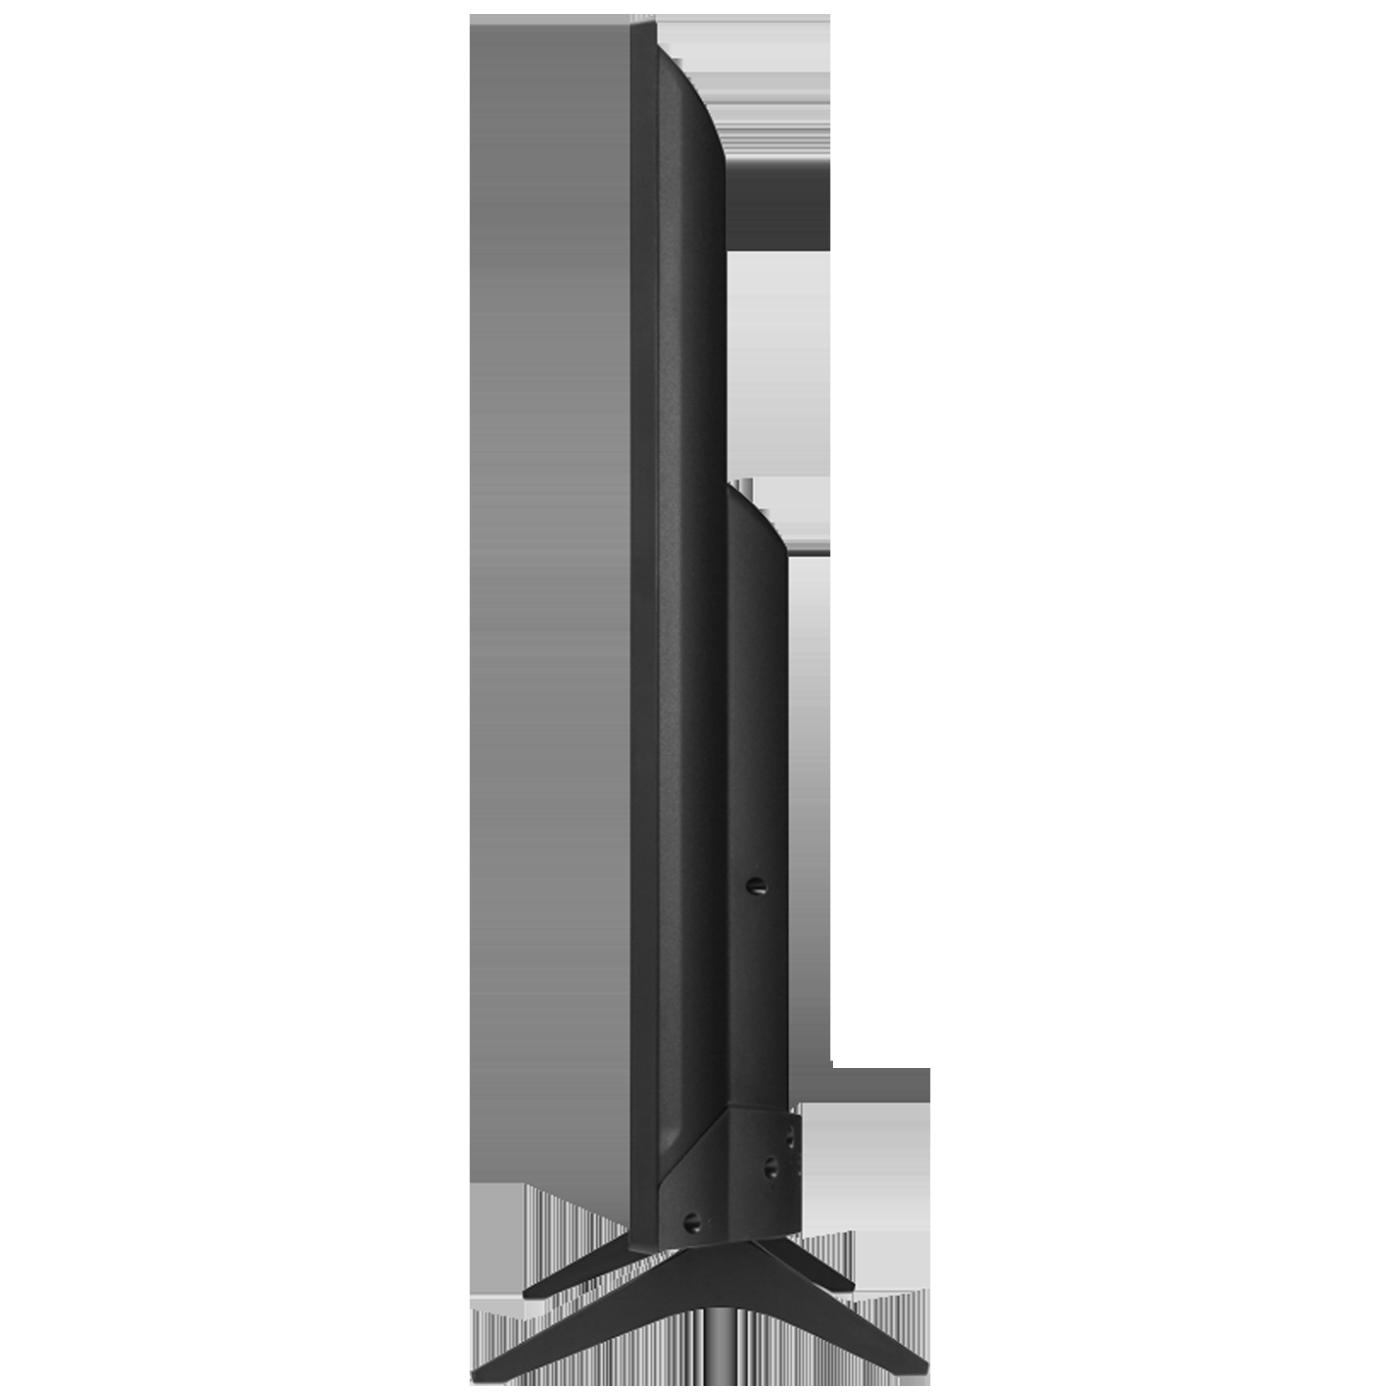 43LJ500V